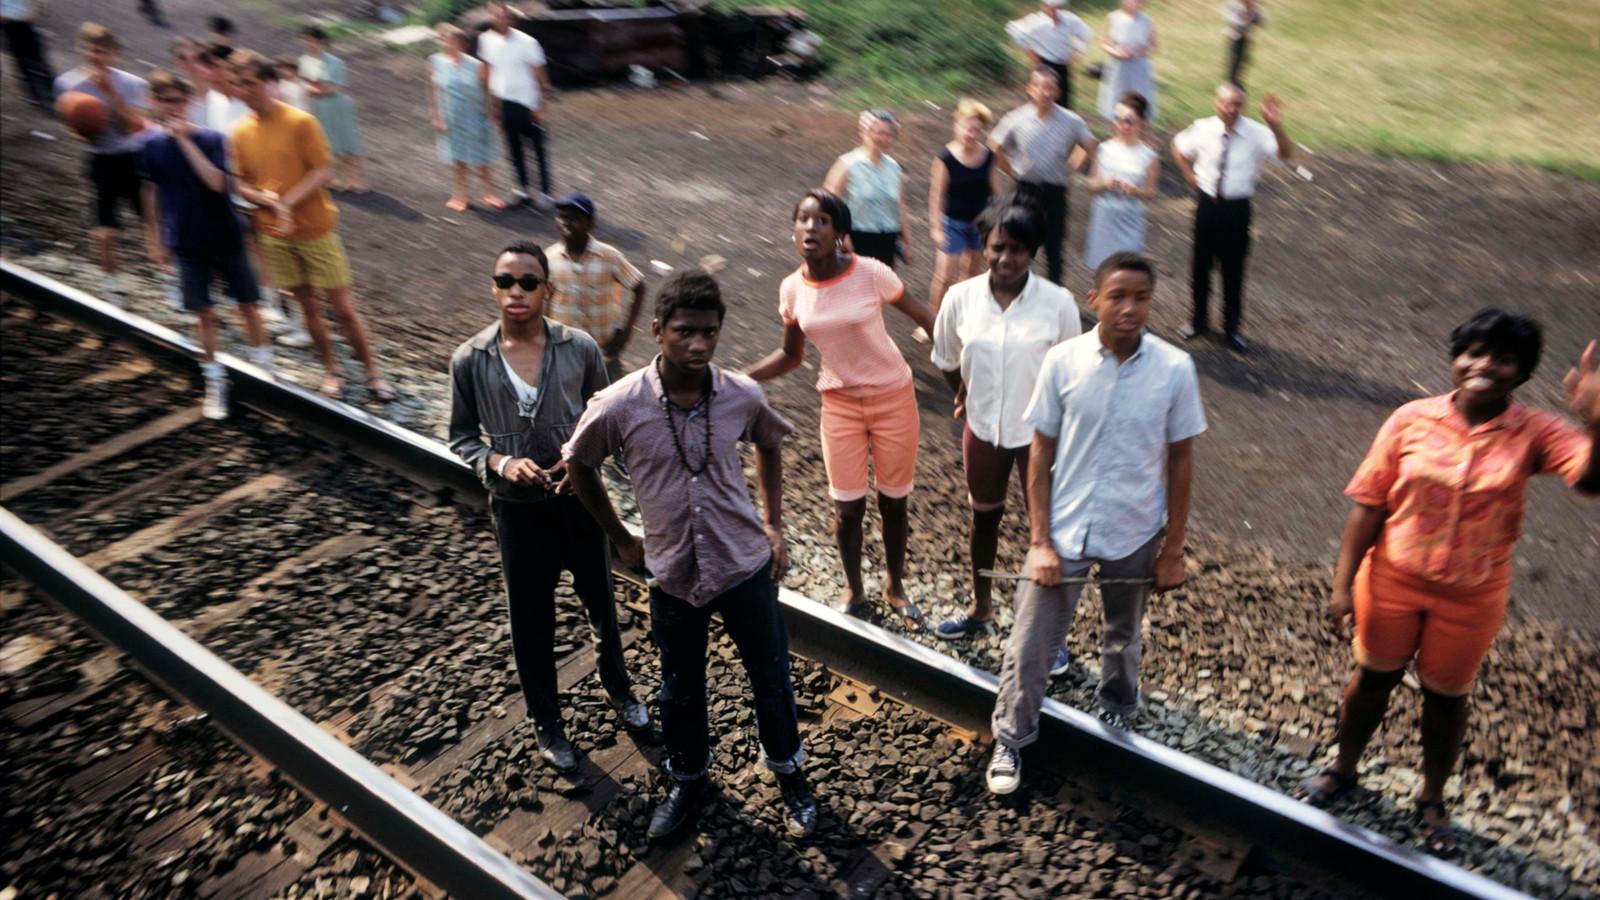 Overal drommen mensen samen langs het spoortraject tussen New York en Washington. De kist van Bobby Kennedy wordt met de trein naar de hoofdstad gebracht om daar te worden bijgelegd op de nationale begraafplaats Arlington.